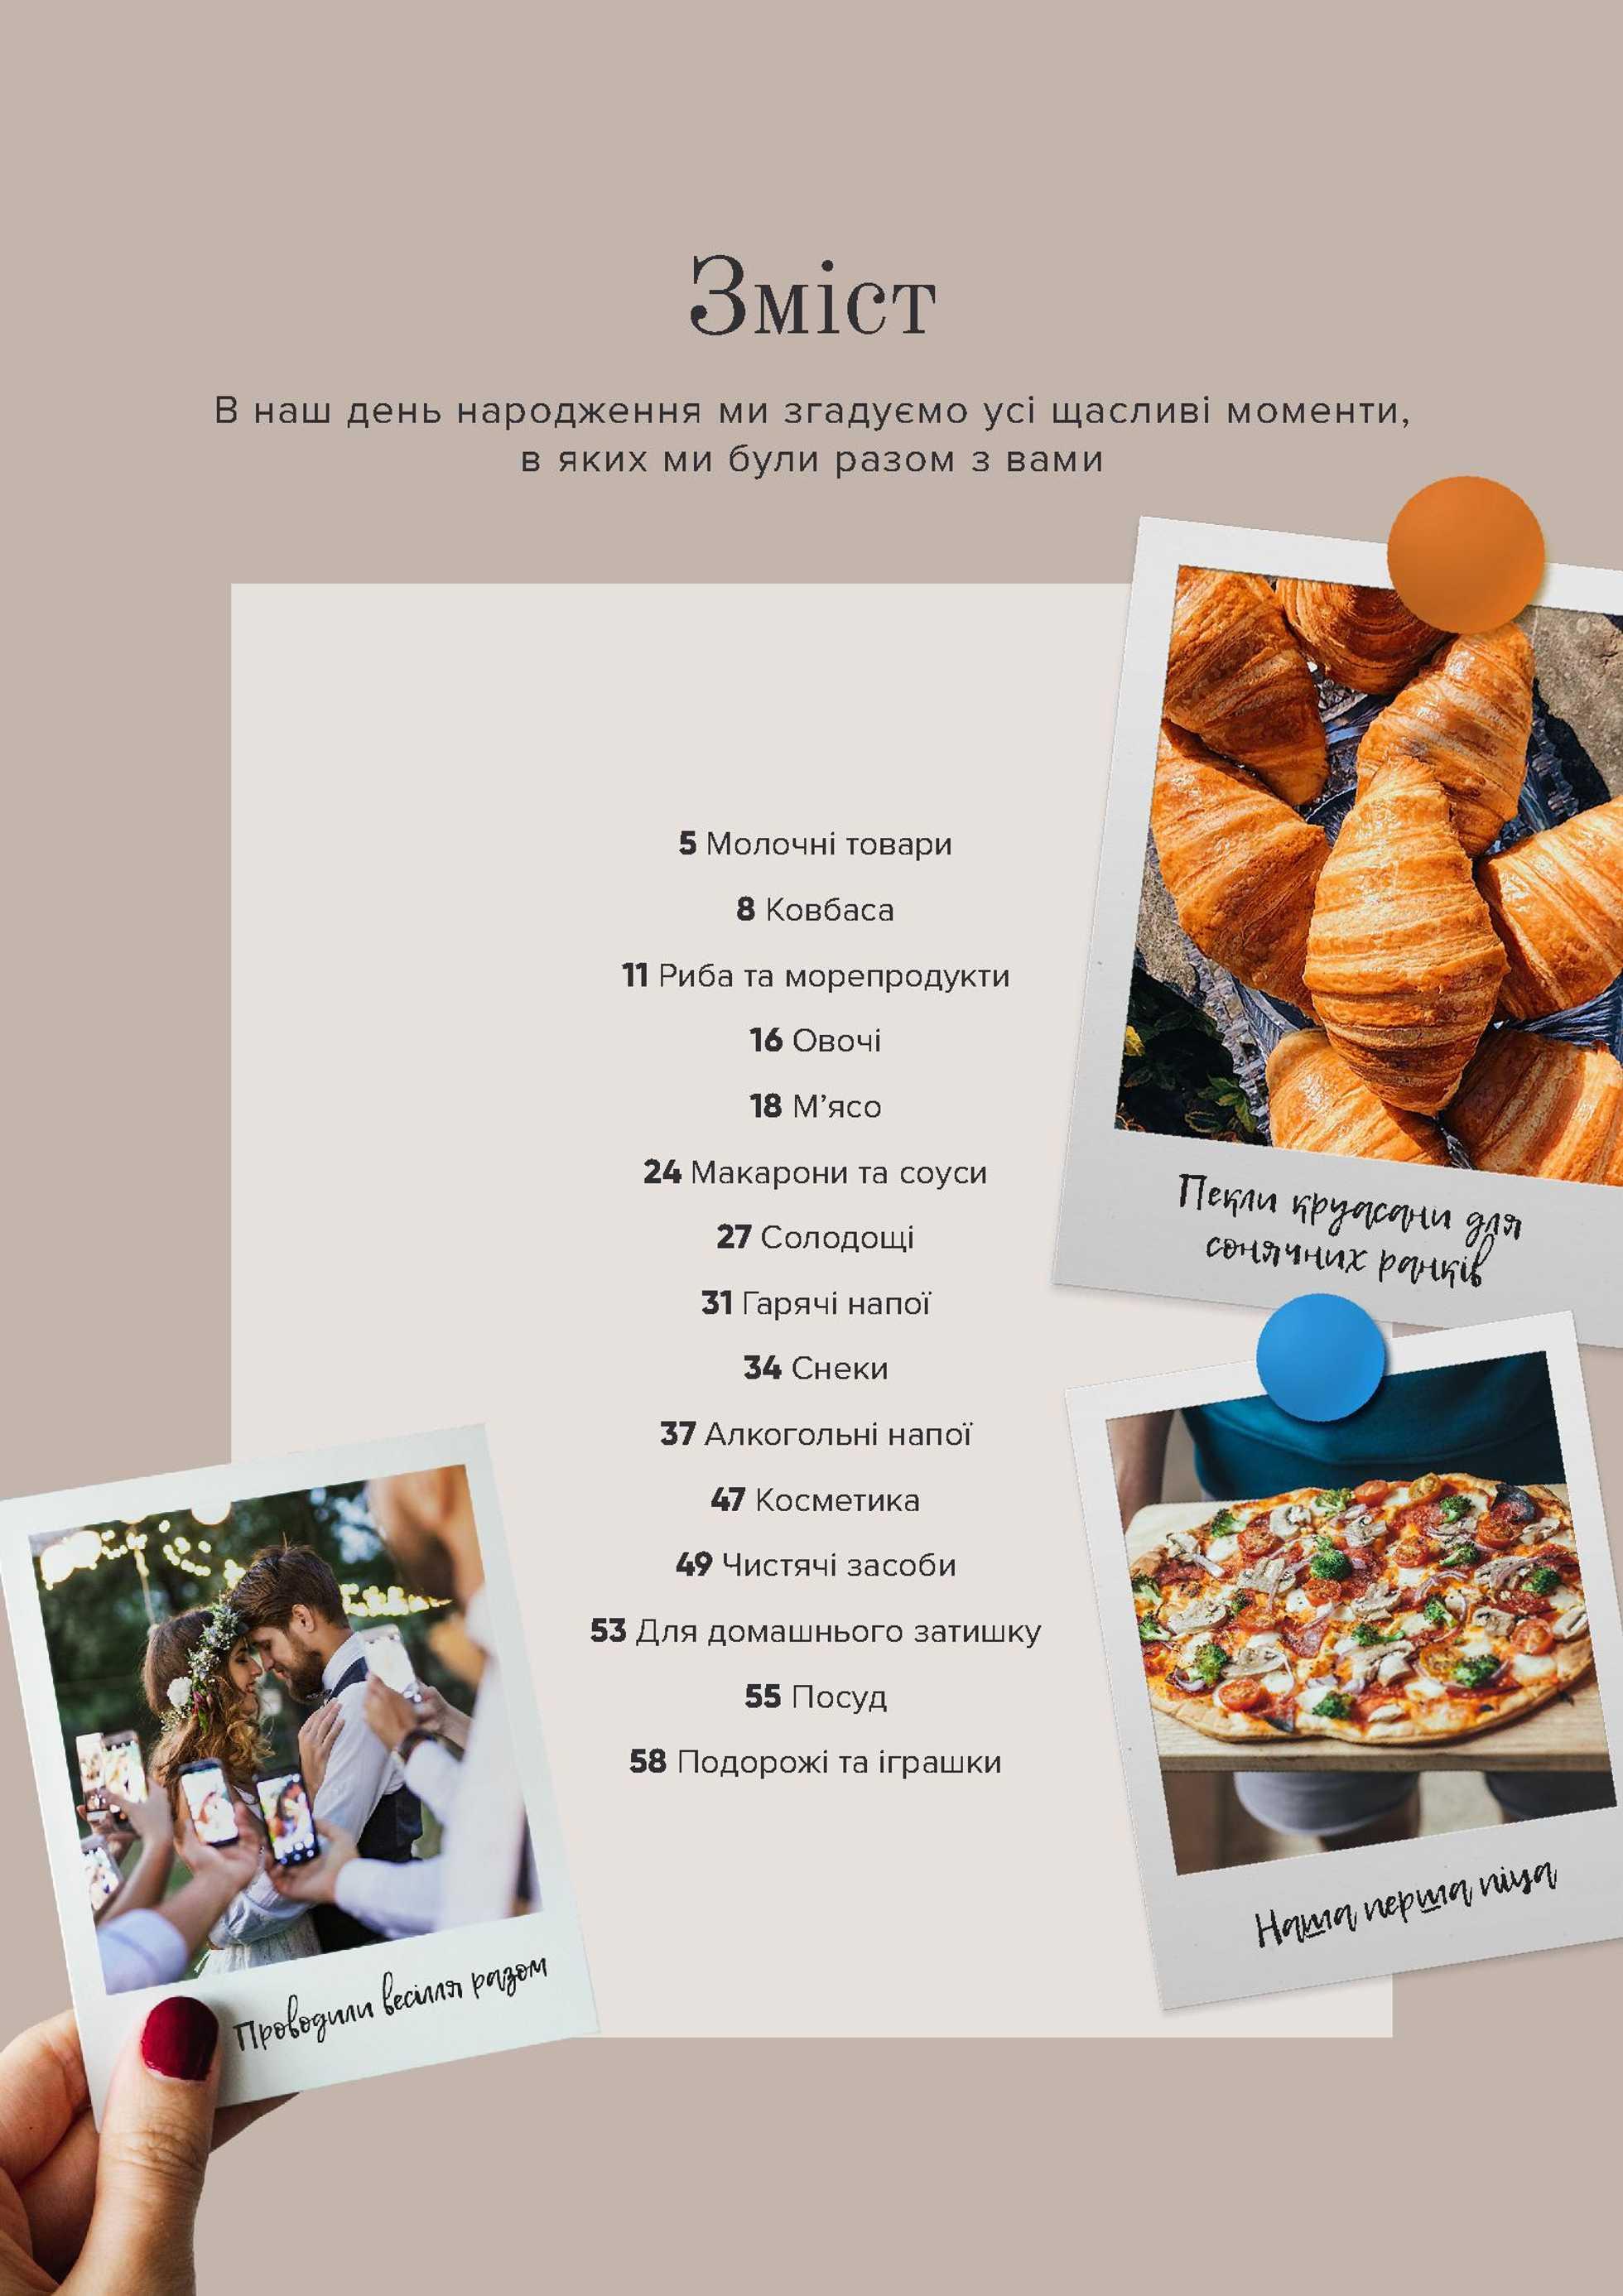 Мэтро Украина - каталог действителен с 02.09.2020 по 29.09.2020 - страница 3.